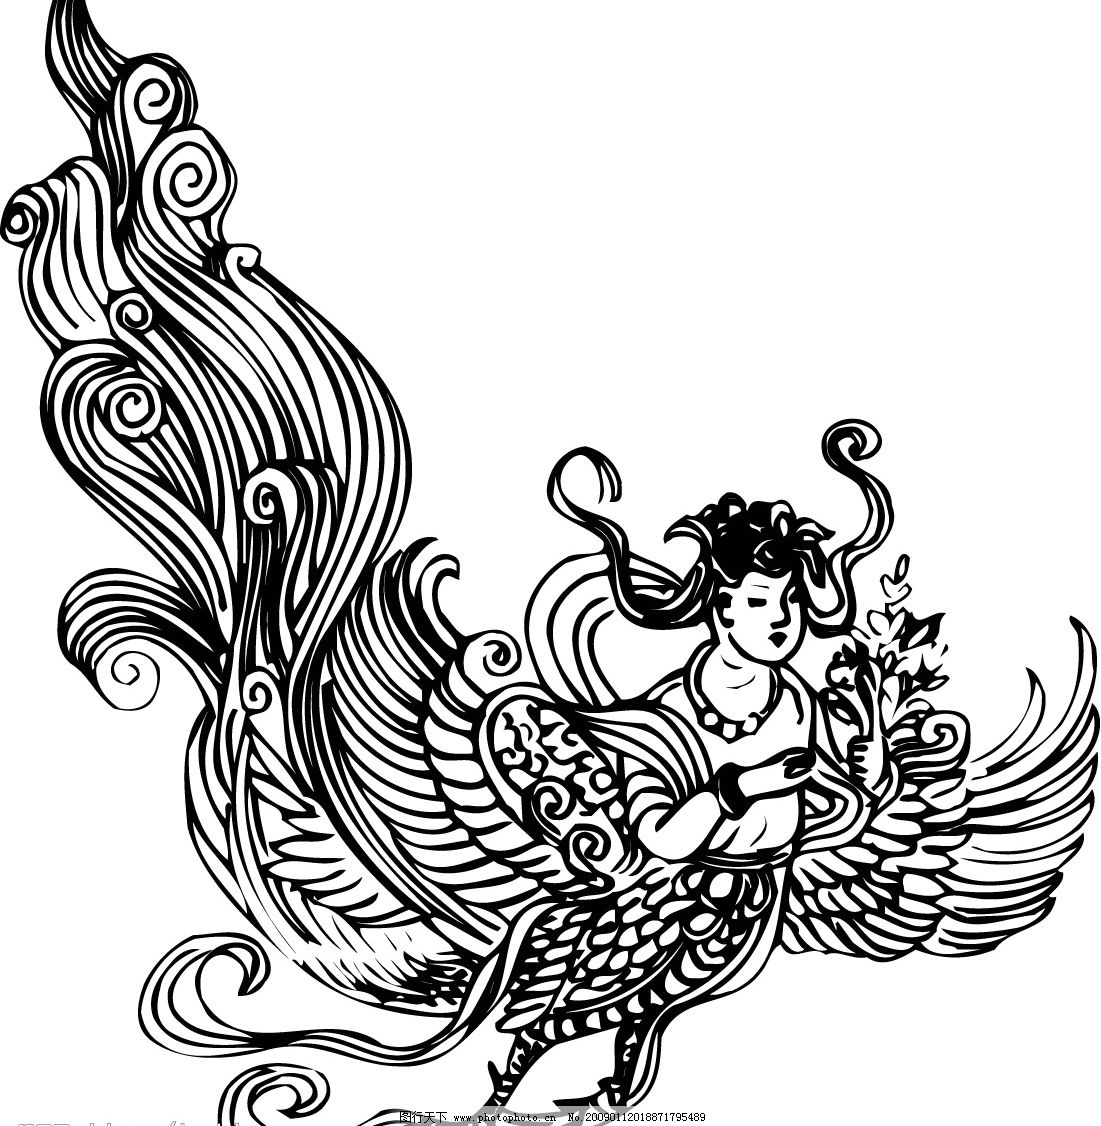 古代 神仙 佛 罗汉 观音 菩萨 黑白 宗教信仰 文化艺术 传统文化 矢量